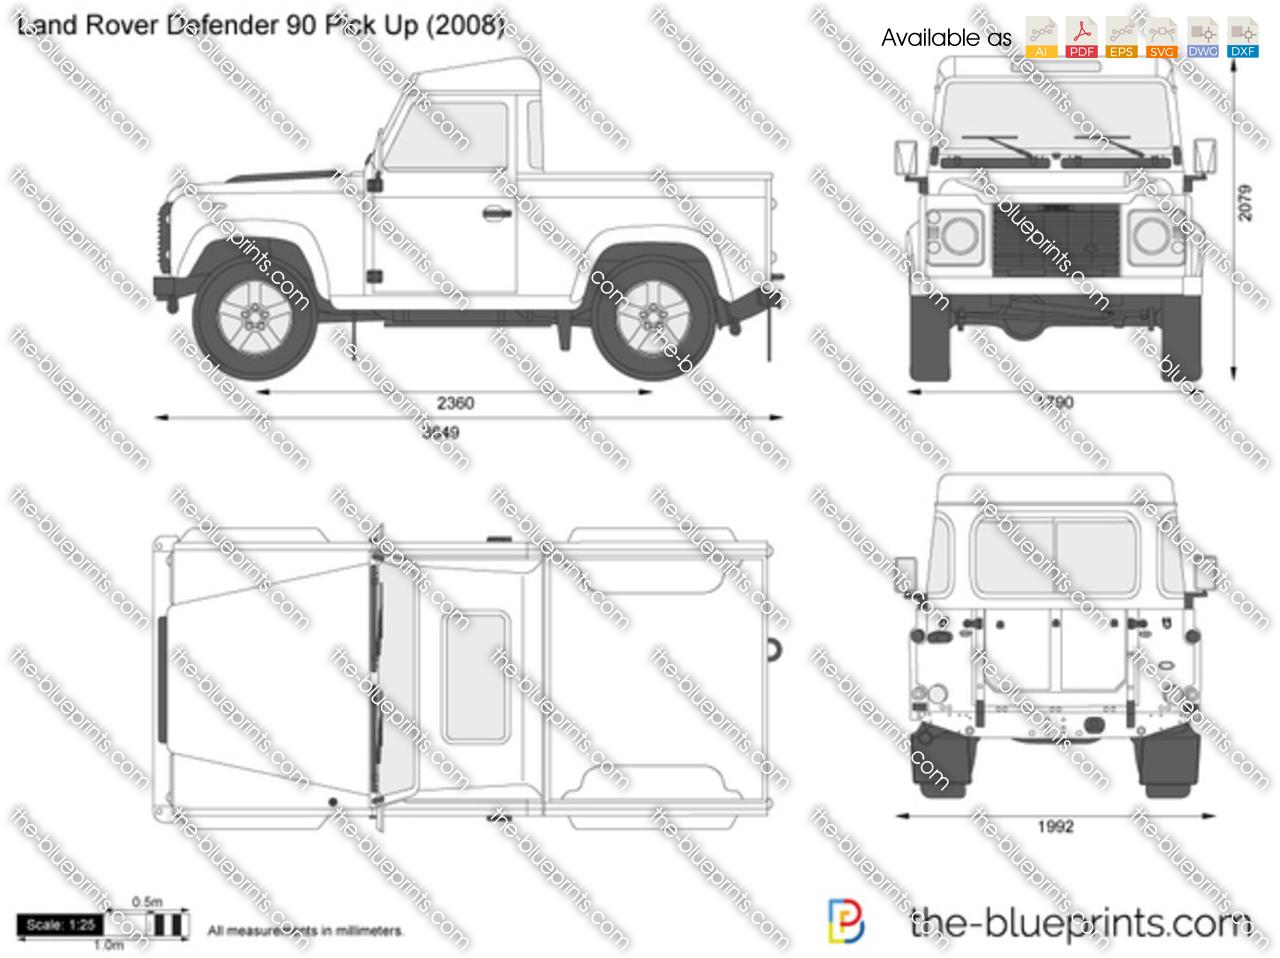 Land Rover Defender 90 Pick Up 2000